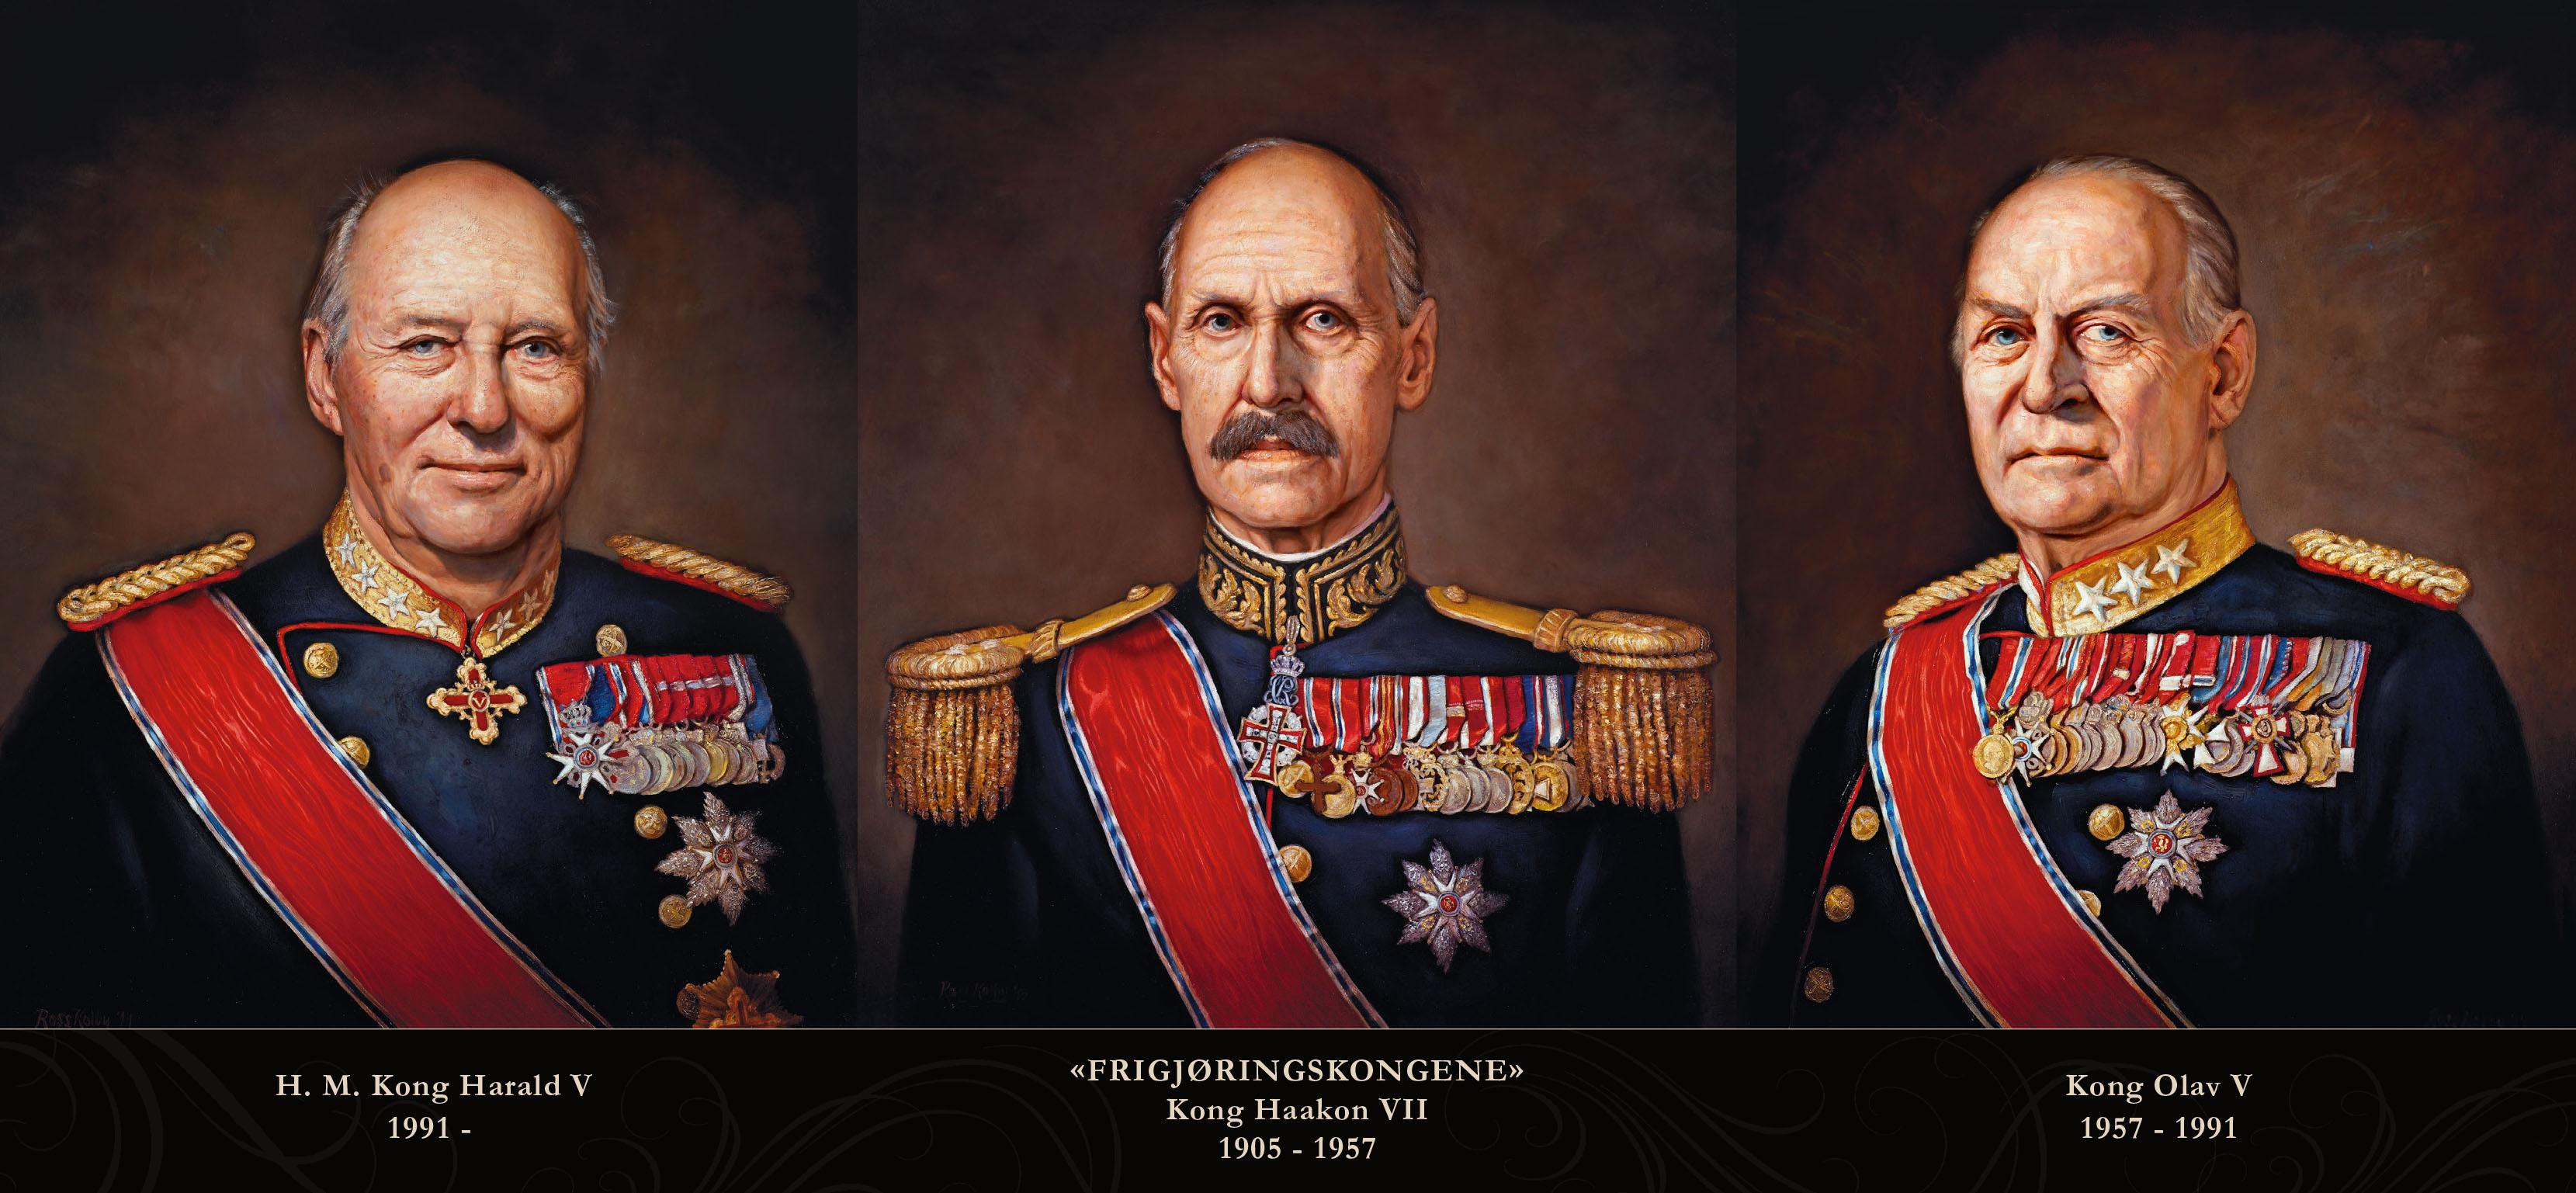 Frigjøringskongene - de offisielle kongeportrettene